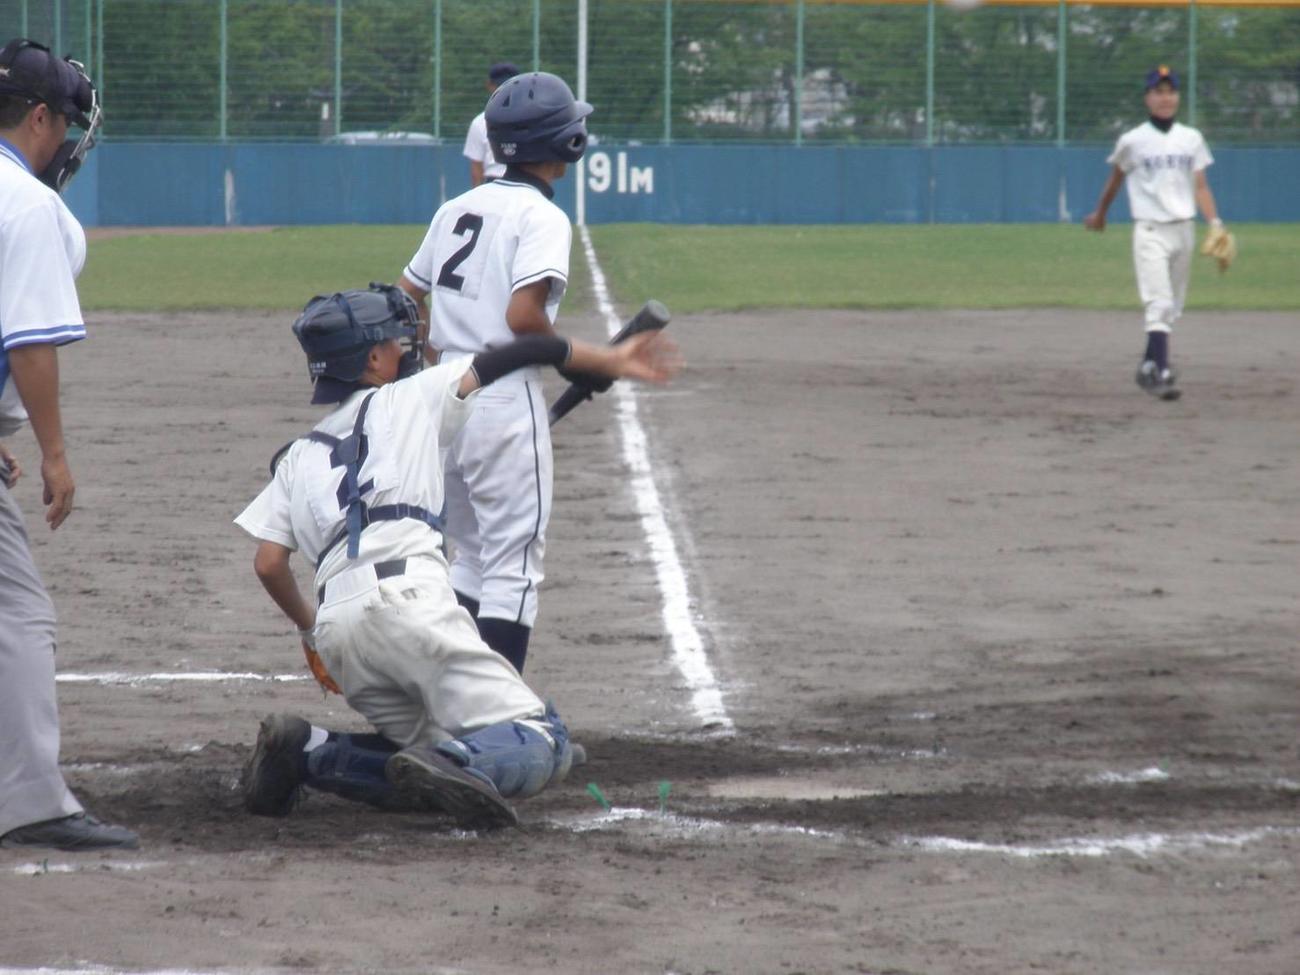 右肘のケガを治し、甲陵中3年の西宮大会で捕手を務める阪神佐藤輝。右肘にはサポーターを着用している(家族提供)